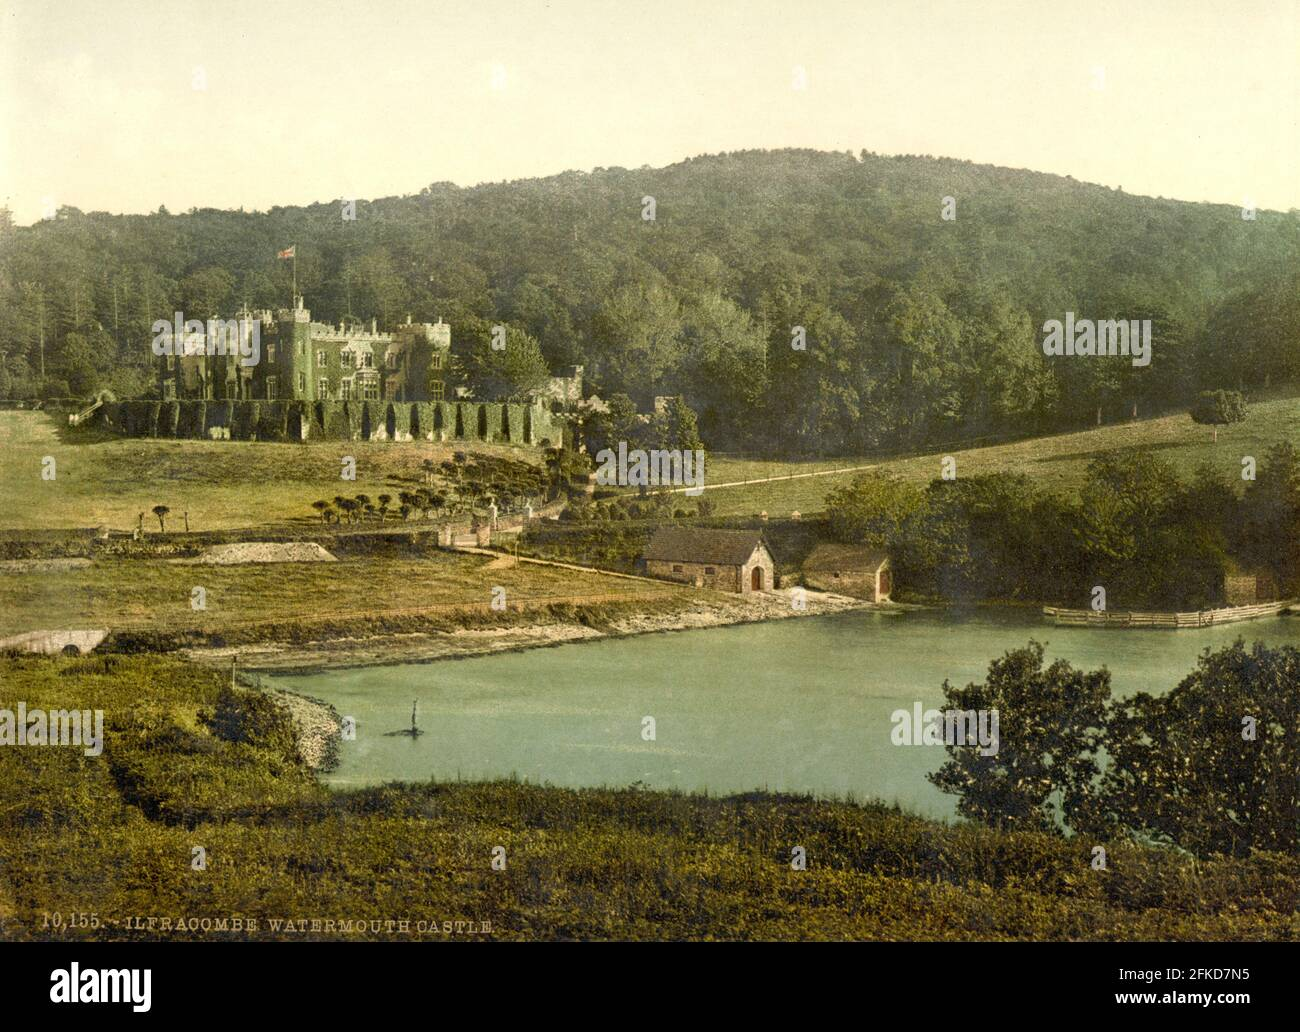 Château de Watermouth, Ilfracombe, Devon vers 1890-1900 Banque D'Images